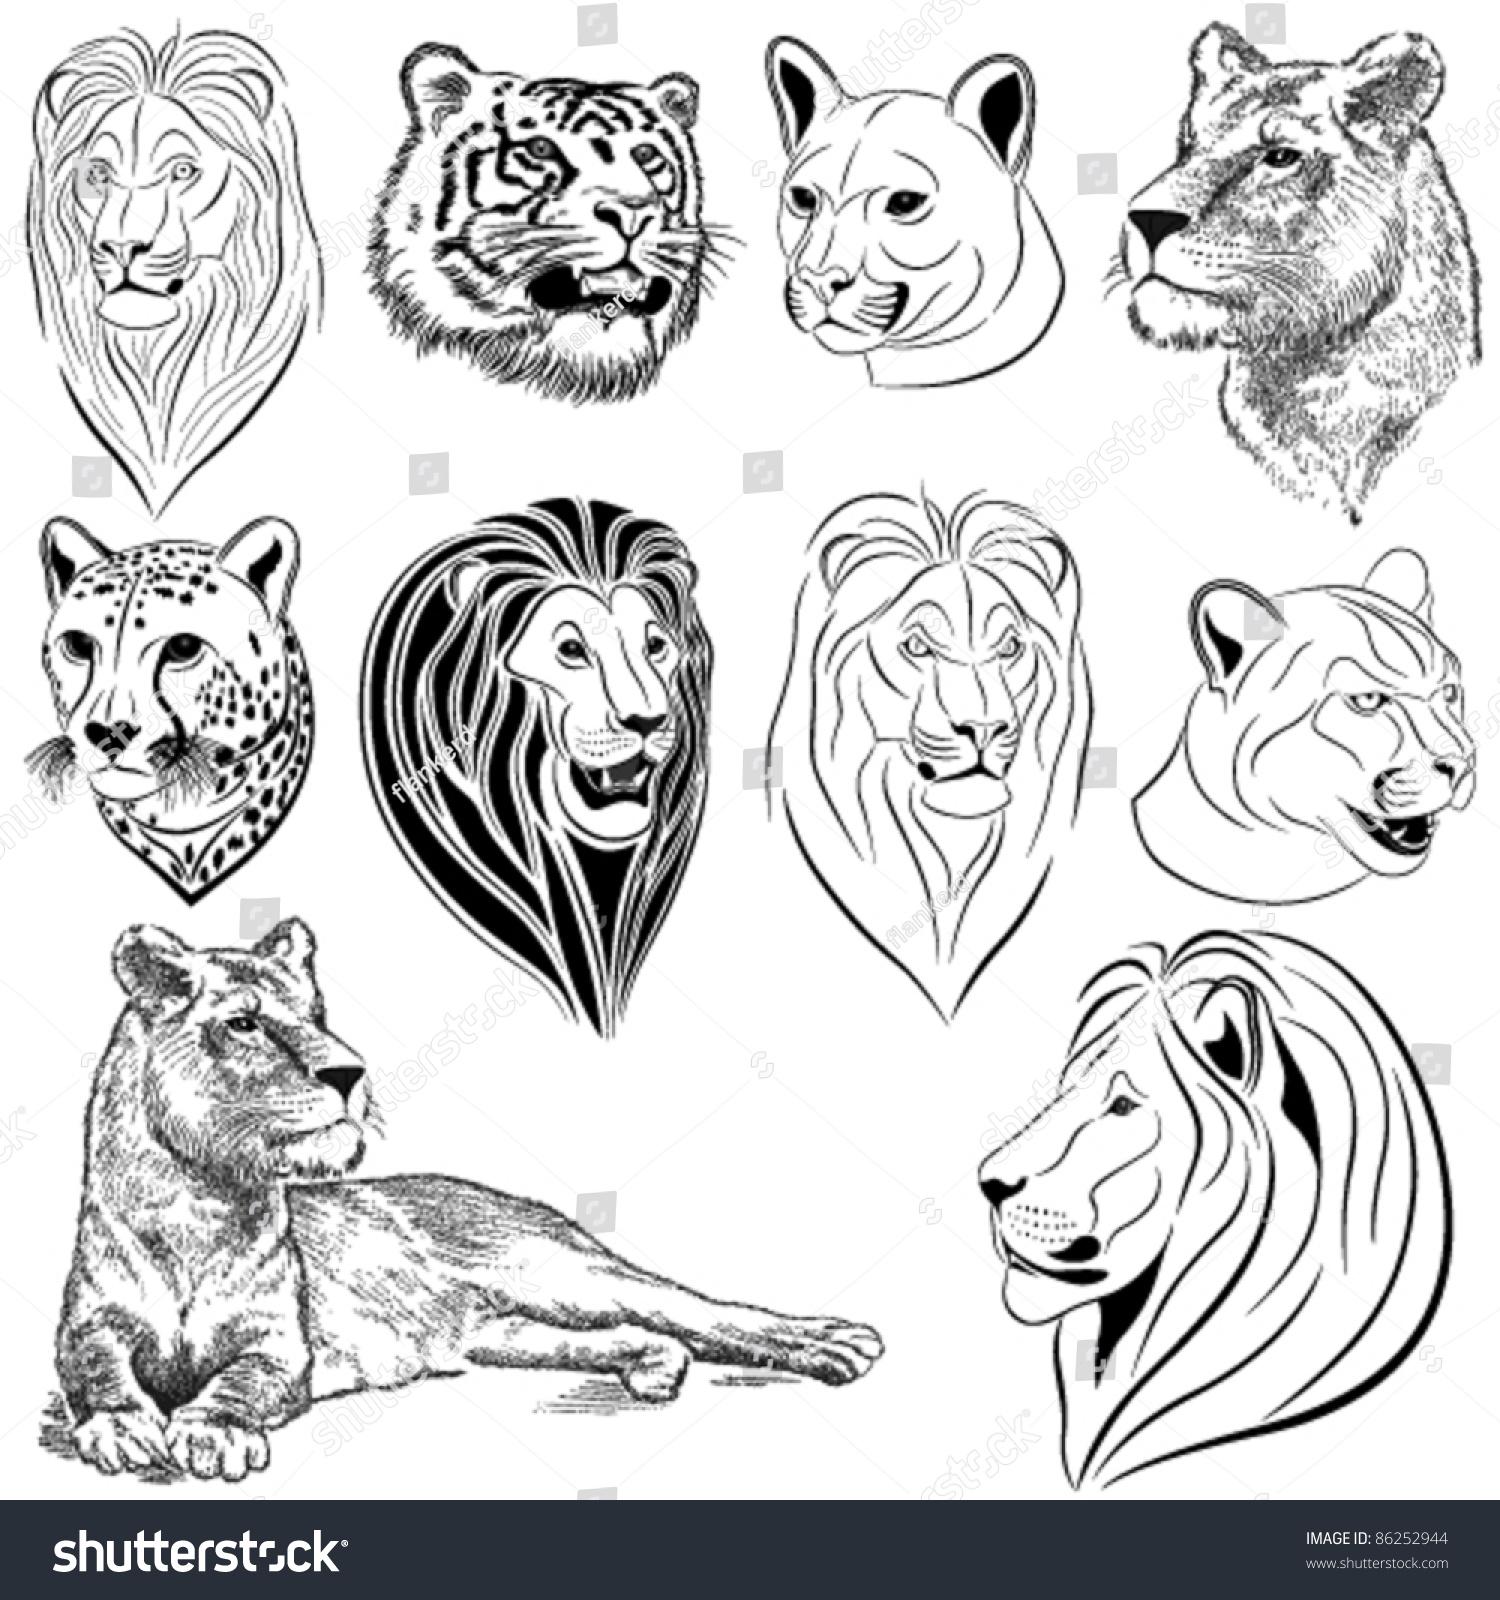 猎豹-动物/野生生物